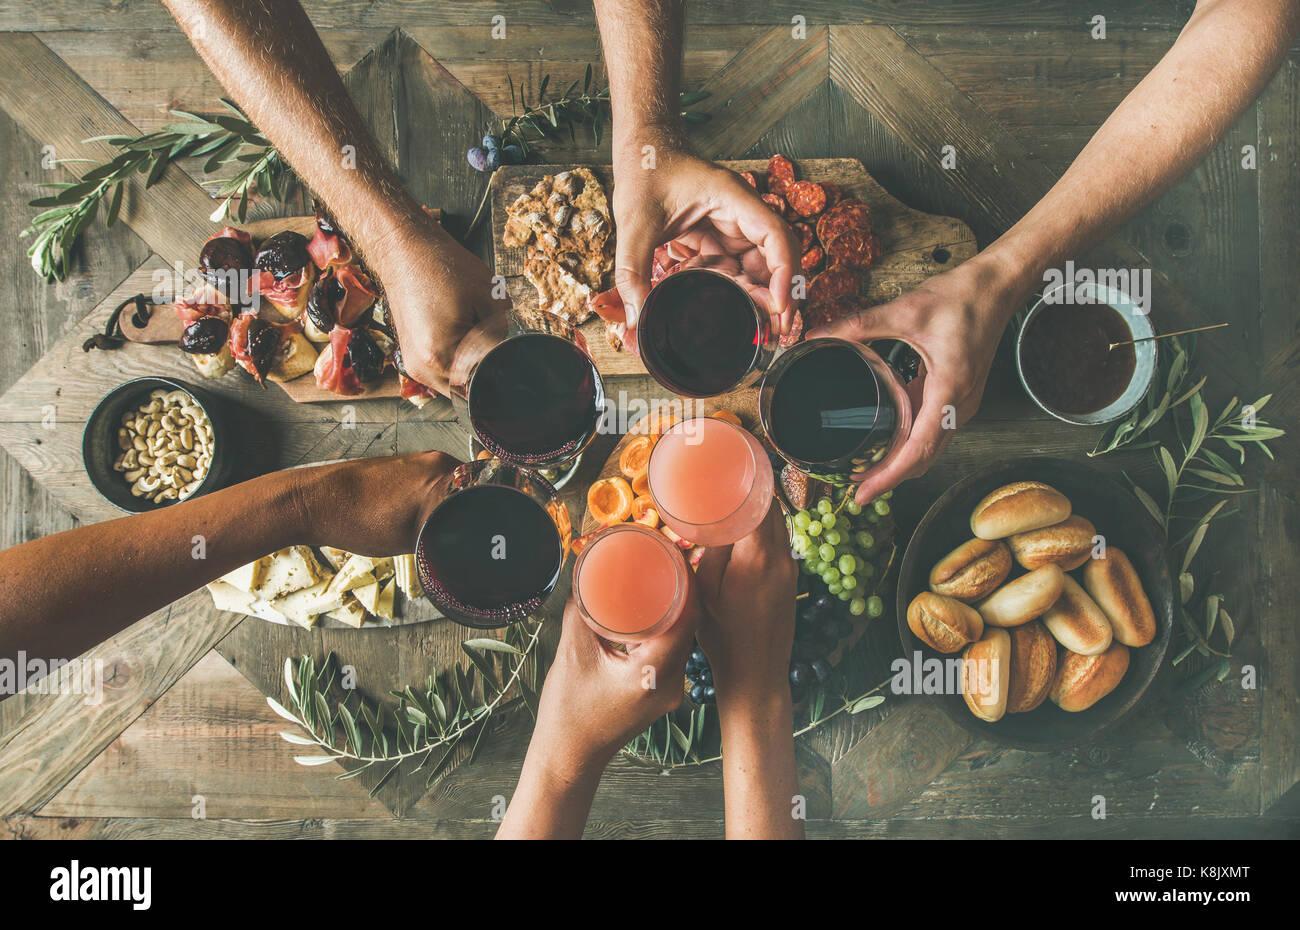 Flat-lay di amici a mangiare e a bere insieme, vista dall'alto Immagini Stock